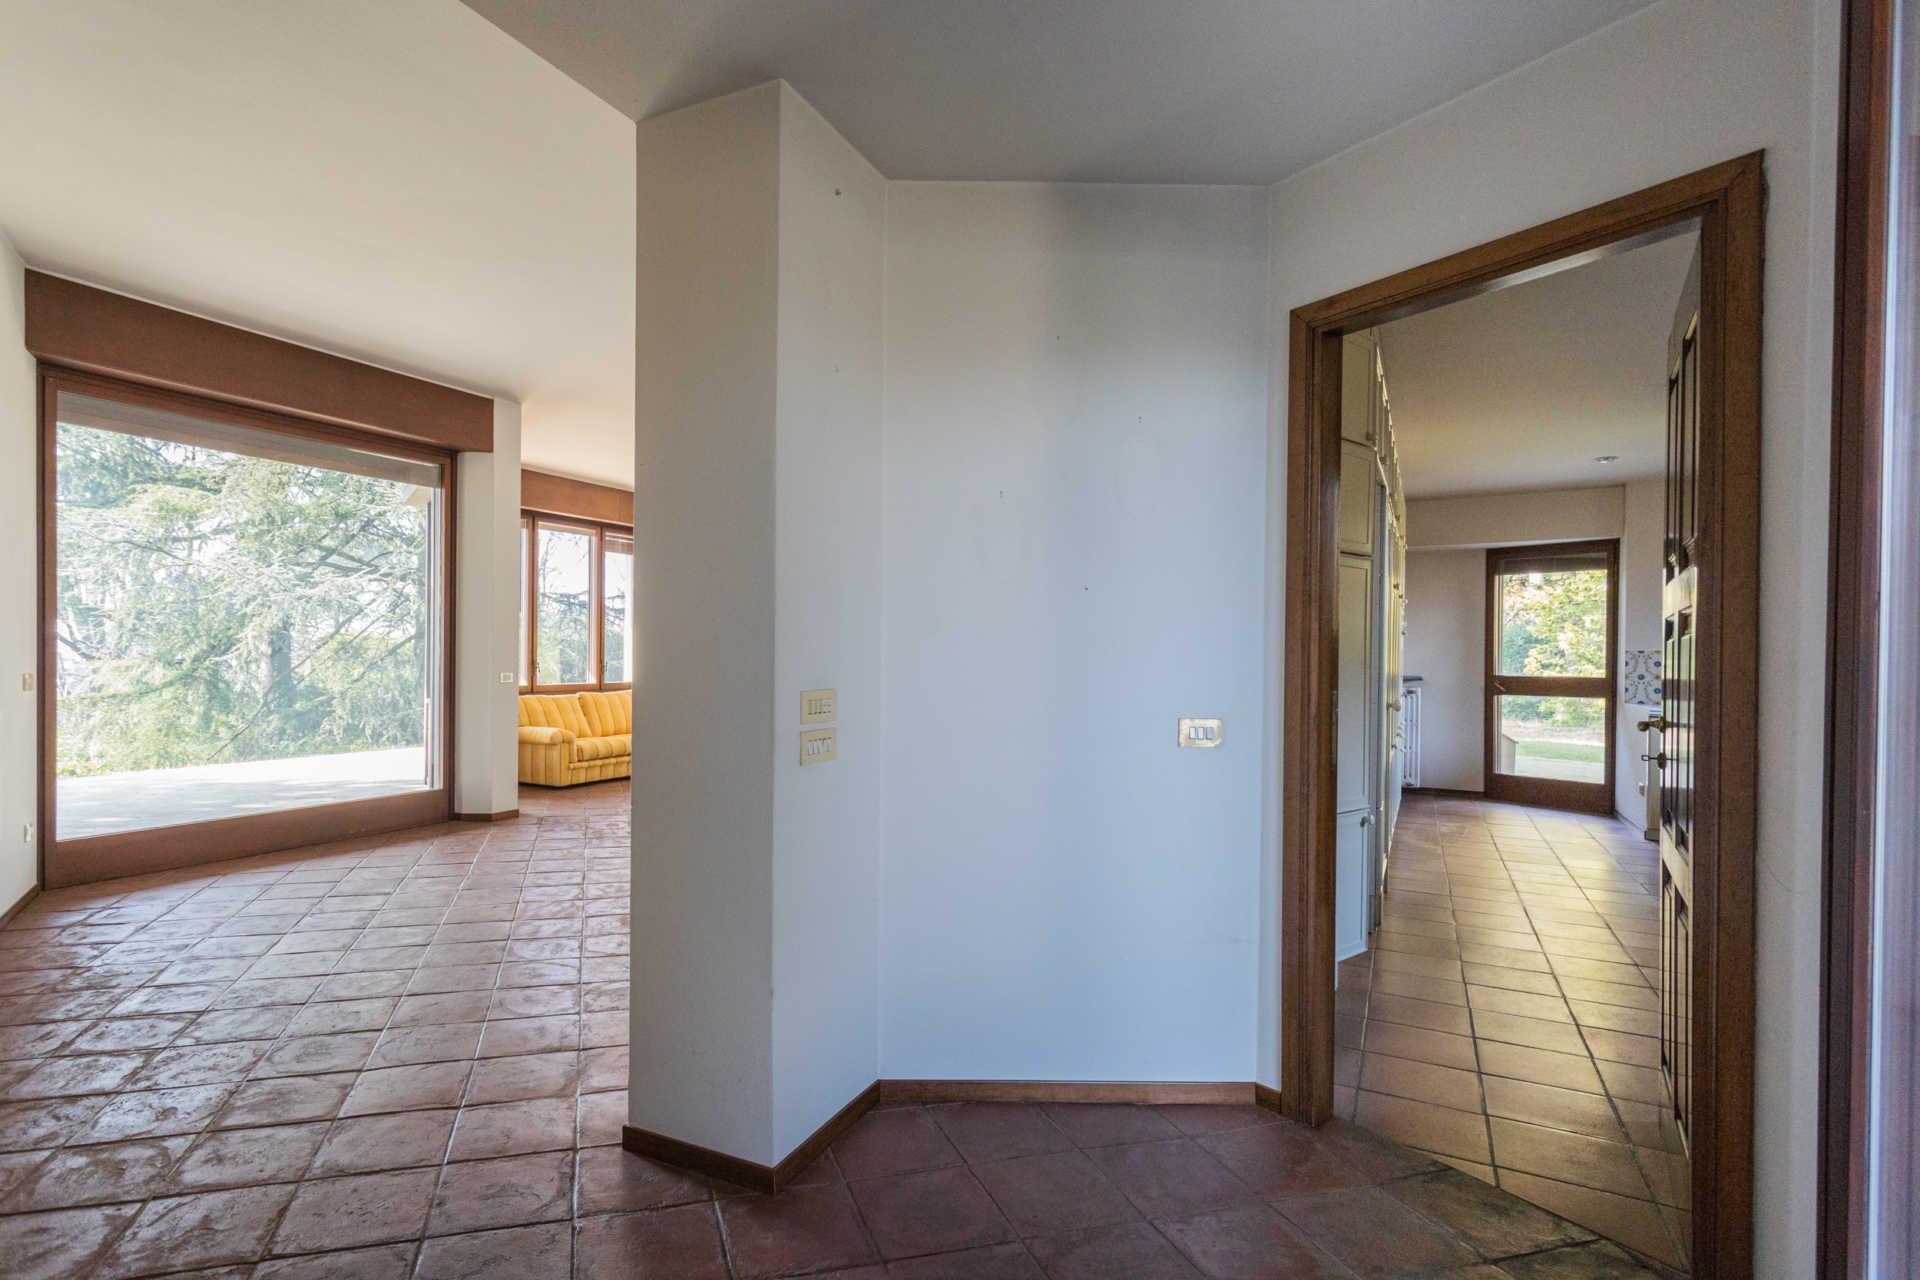 Villa-singola-Carate-Brianza-in-vendita (48)